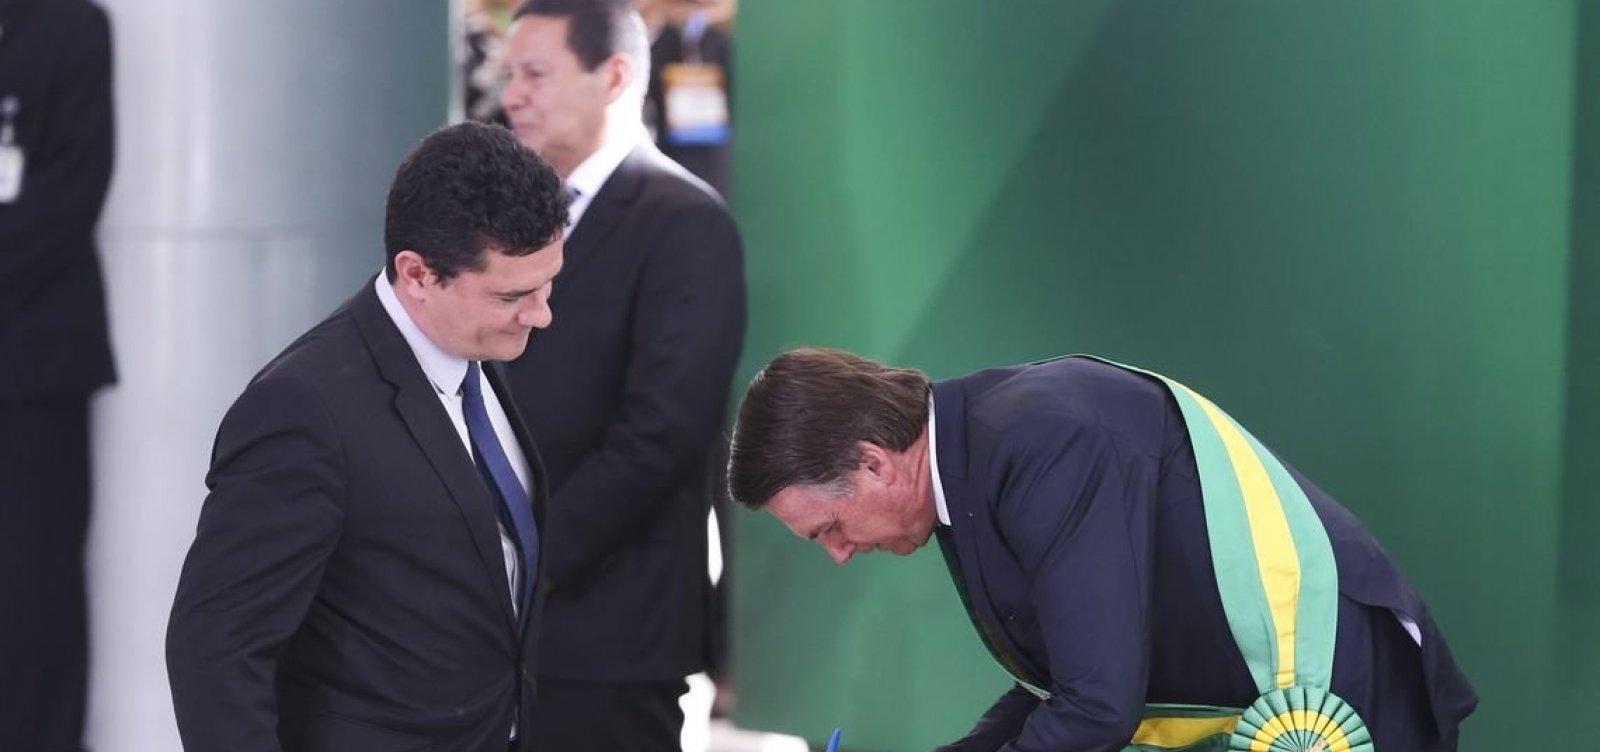 Bolsonaro descarta planos para Moro como vice em 2022: 'Por enquanto estou casado com Mourão'